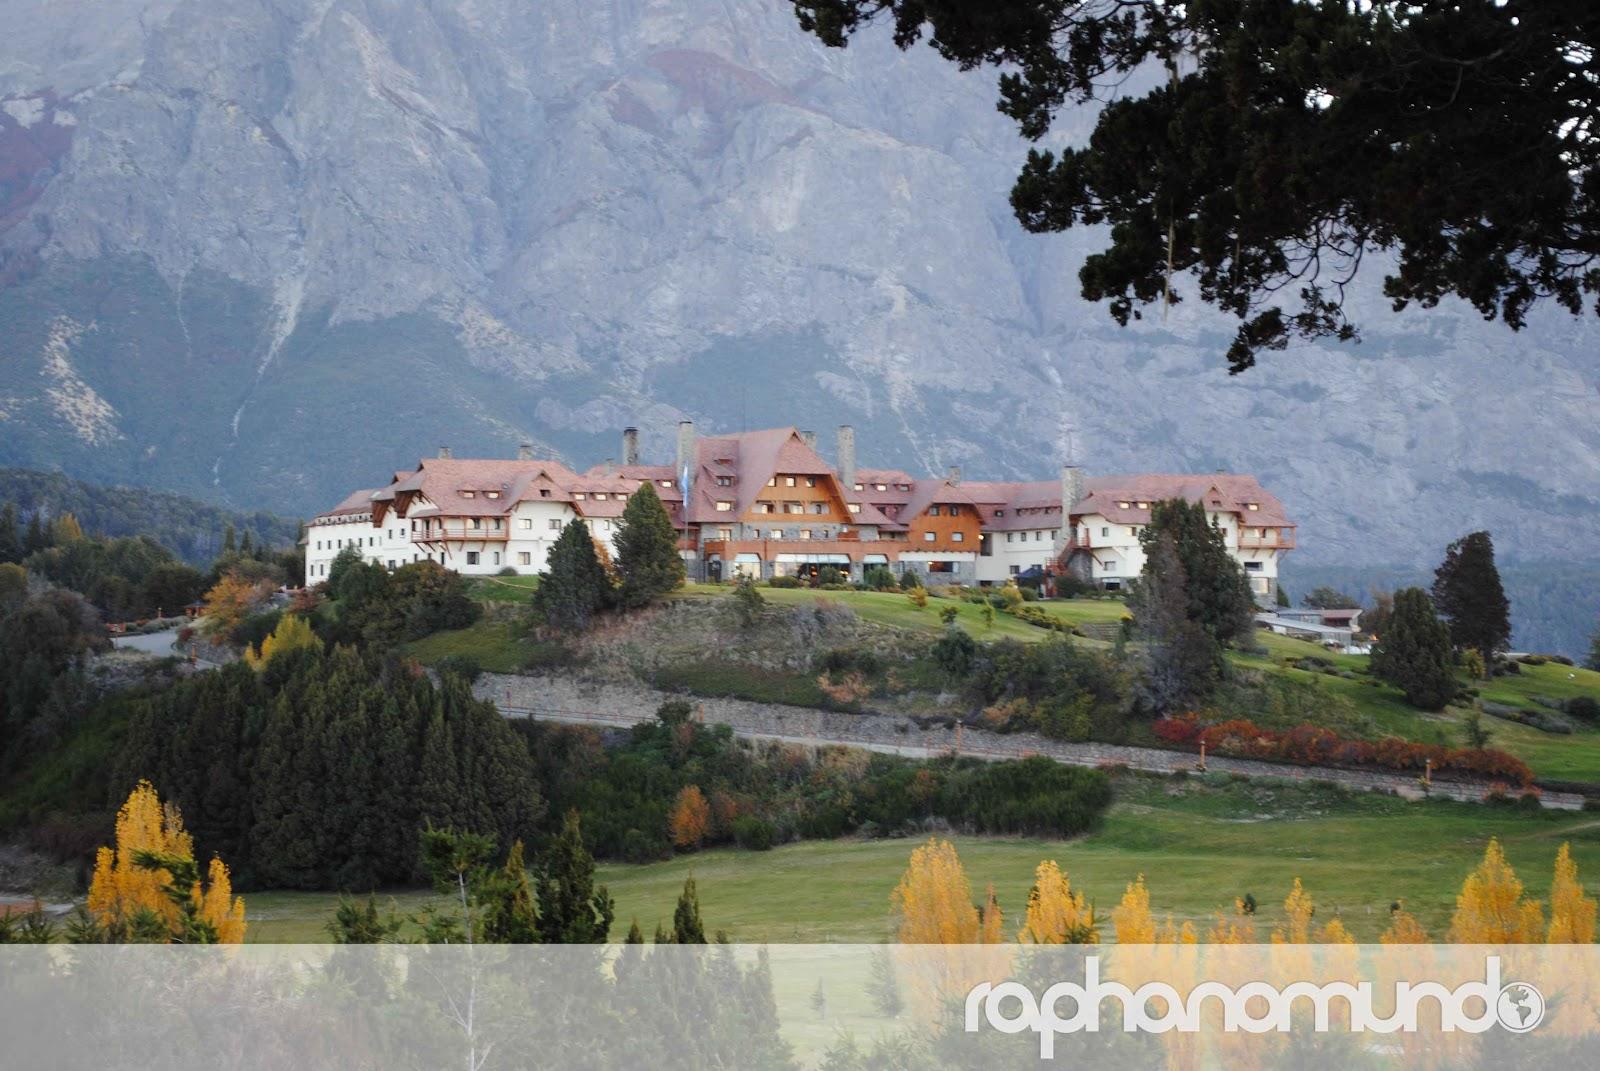 Circuito Chico : Bariloche sem neve circuito chico